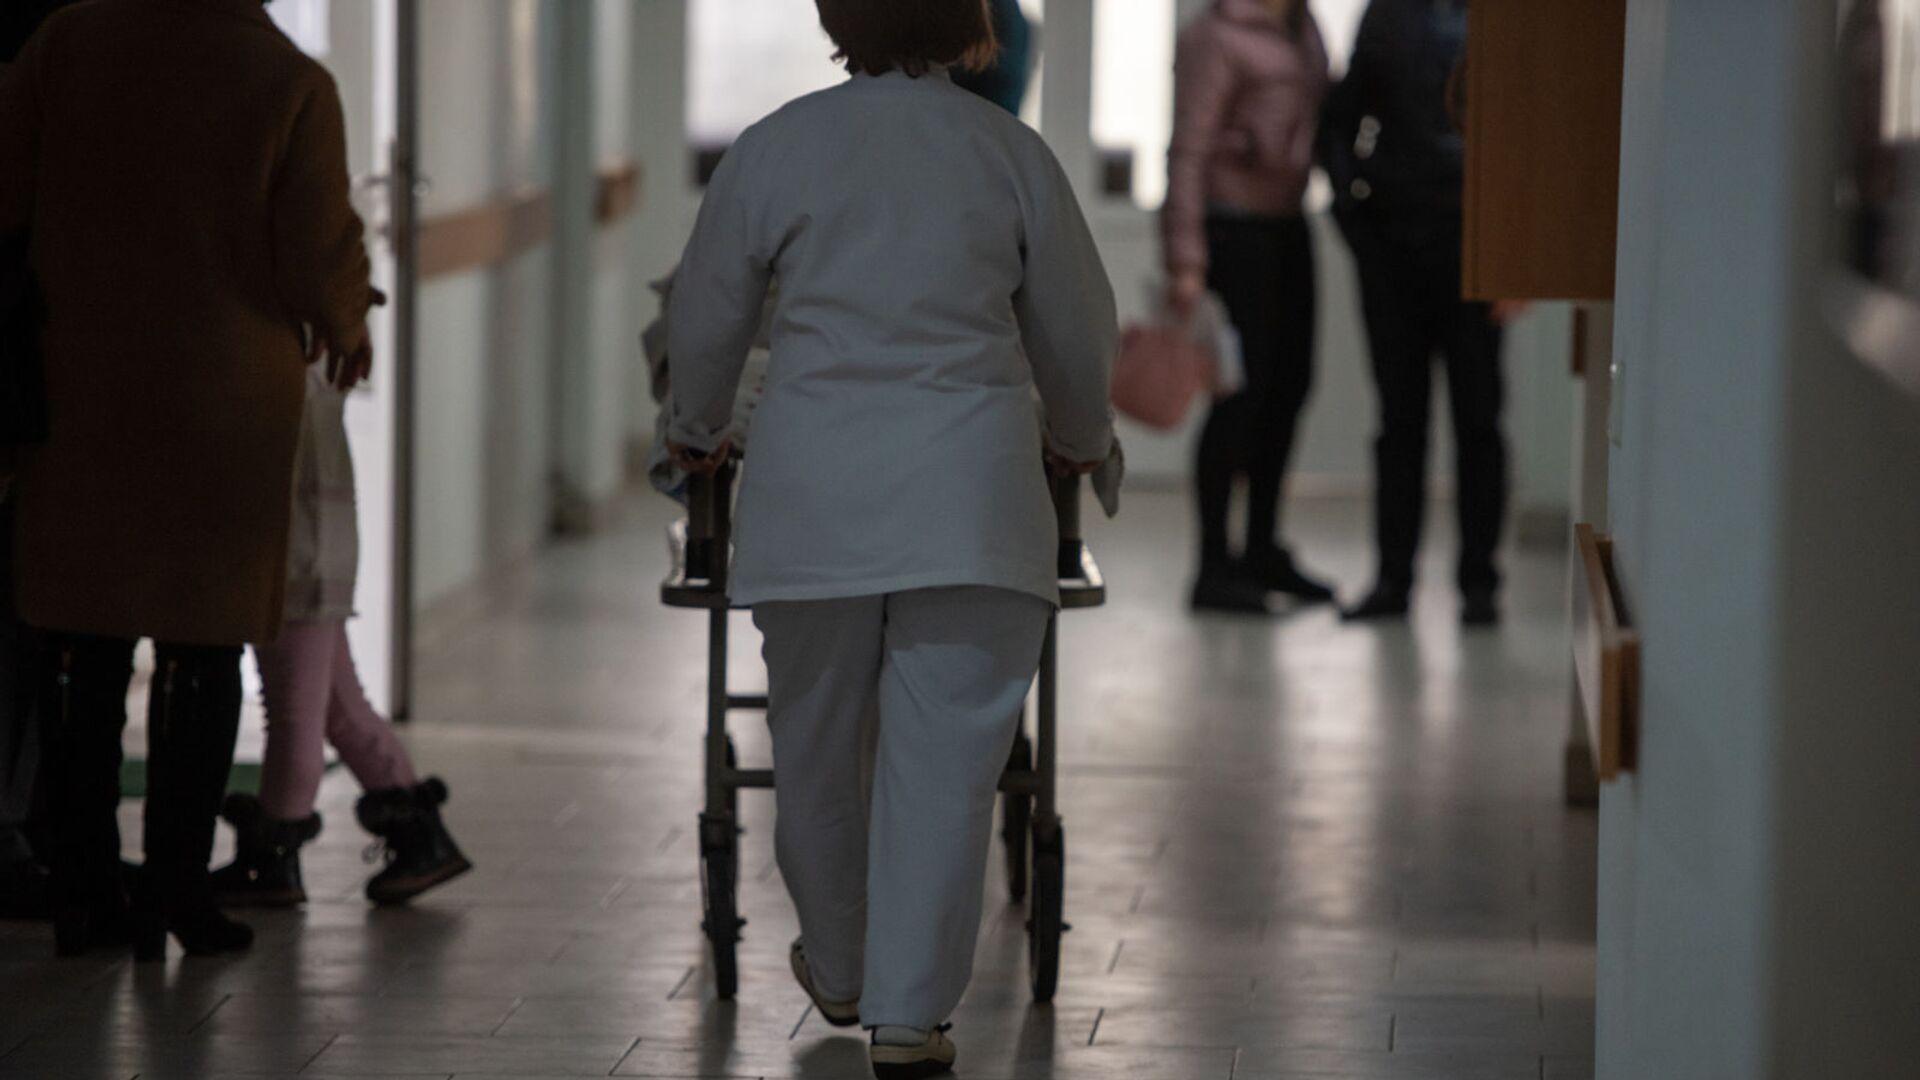 Медработники в коридоре больницы - Sputnik Грузия, 1920, 06.09.2021